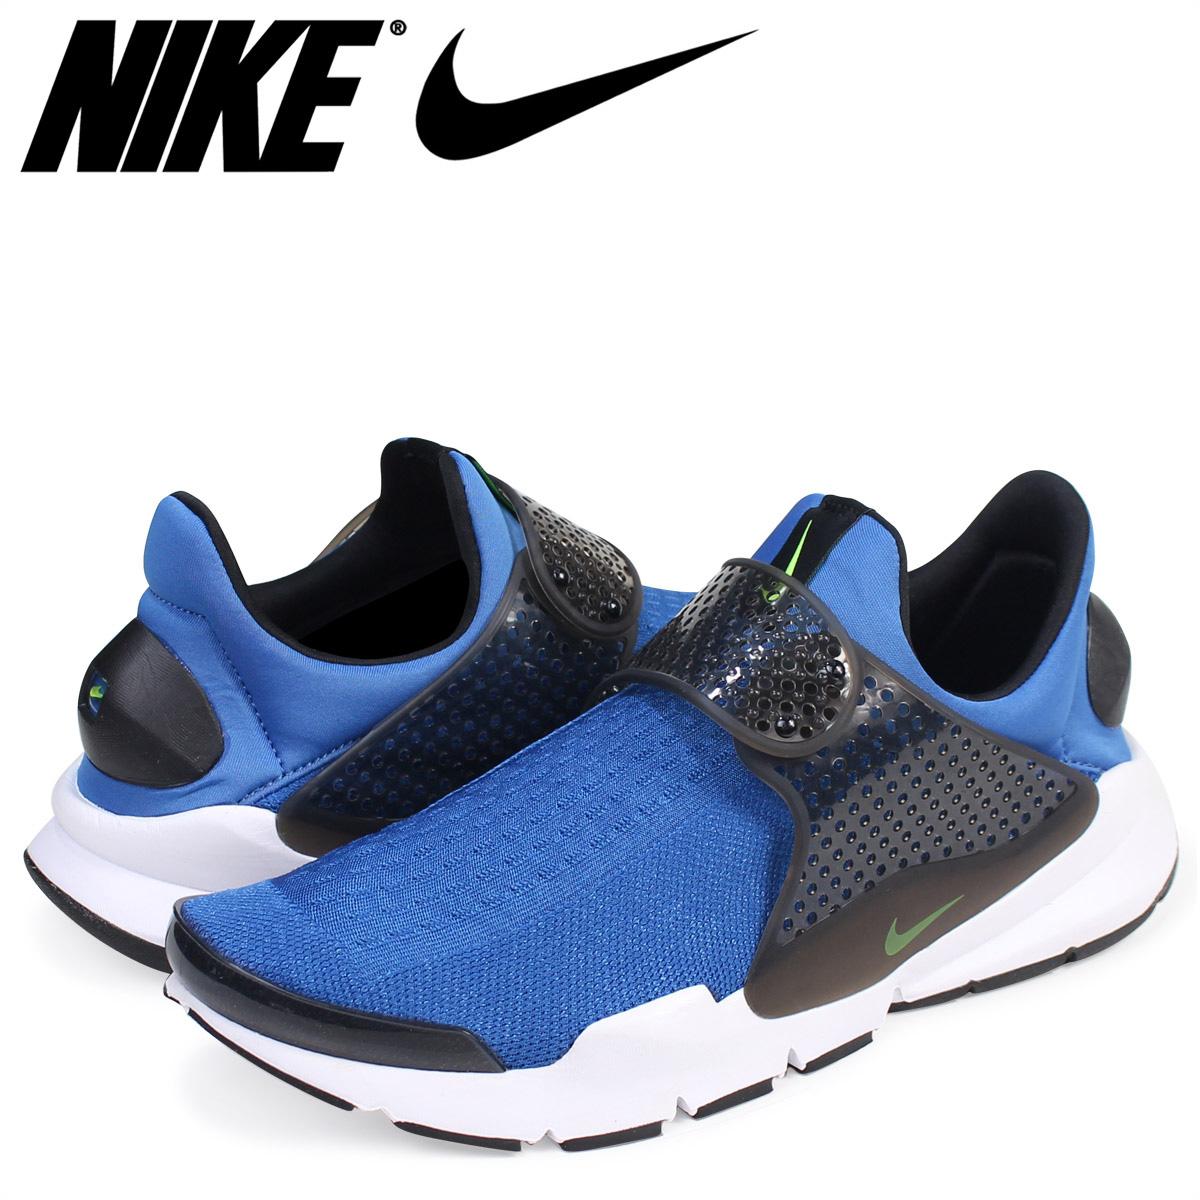 buy popular b05cf 85eb8 NIKE ナイキソックダートスニーカー SOCK DART KJCRD 819,686-405 men's shoes blue